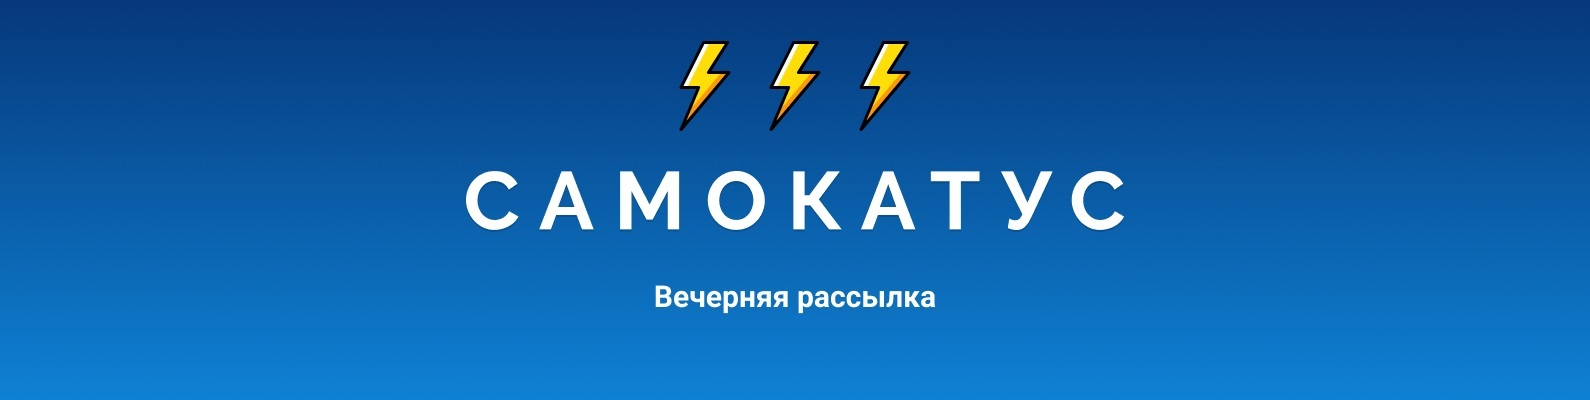 https://samokatus.ru/2019/05/daily-387/